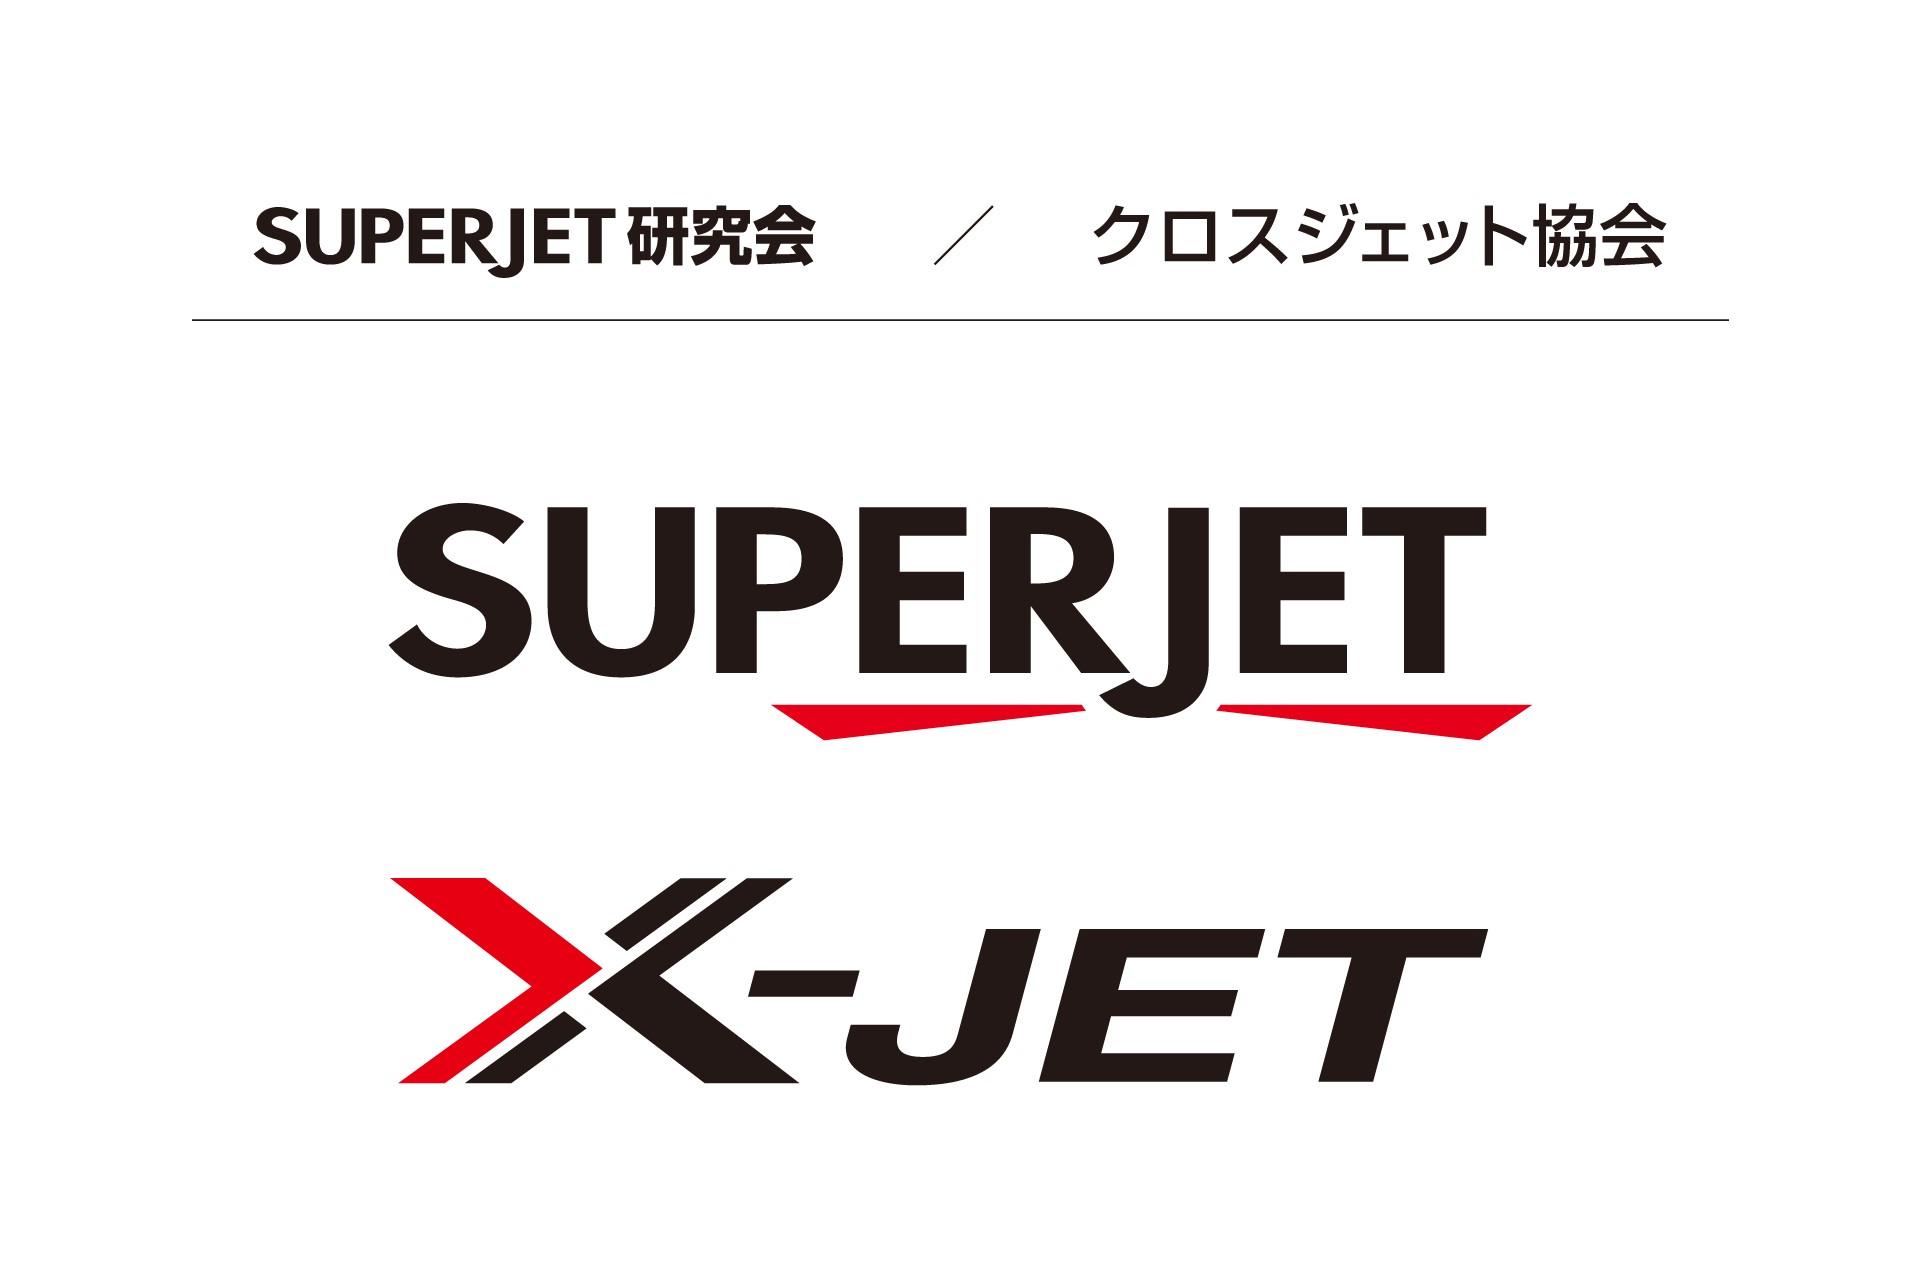 SUPERJET研究会/クロスジェット協会